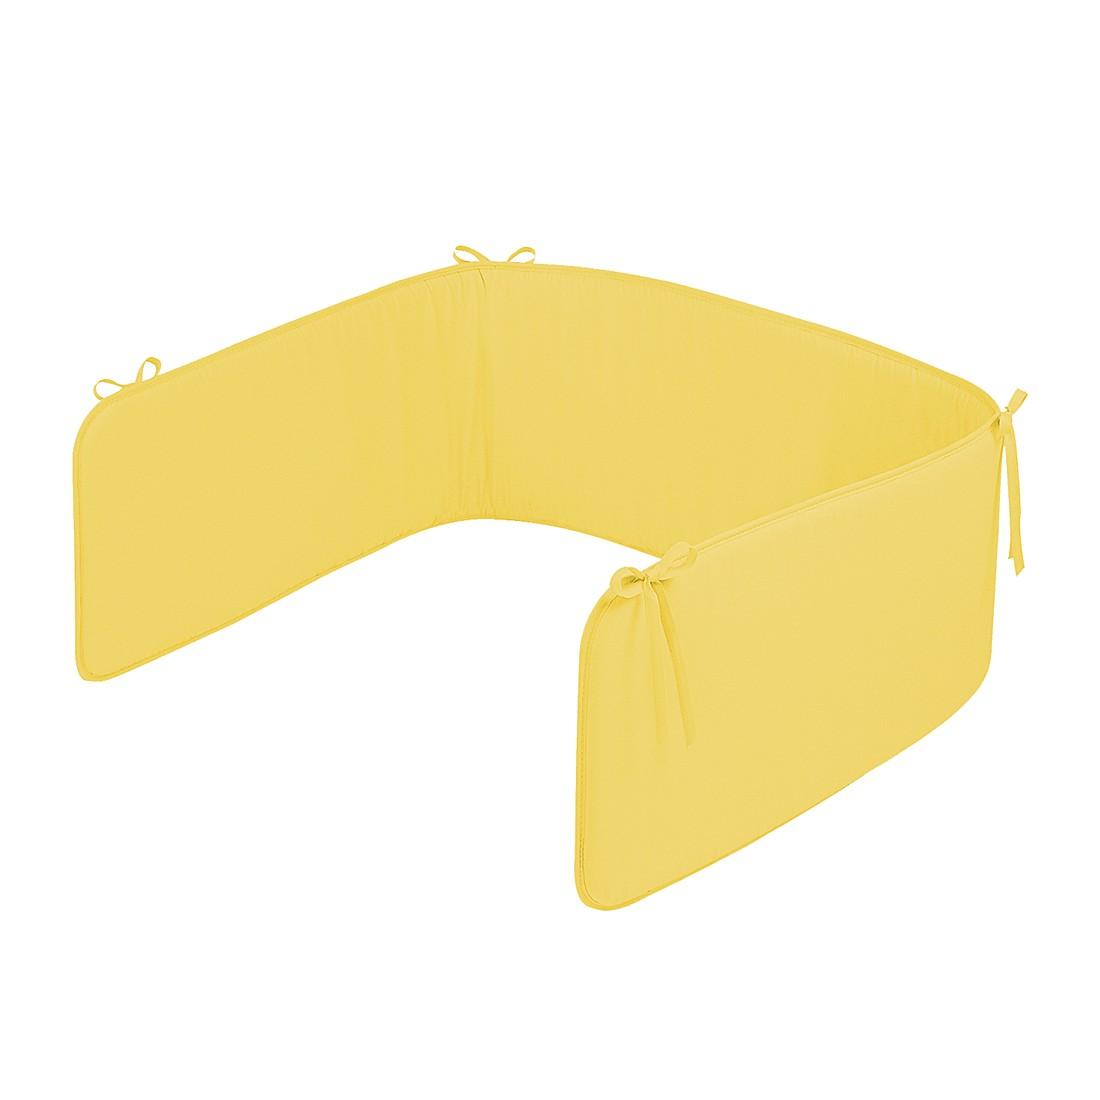 Nestchen Basic – Gelb, Julius Zöllner günstig kaufen